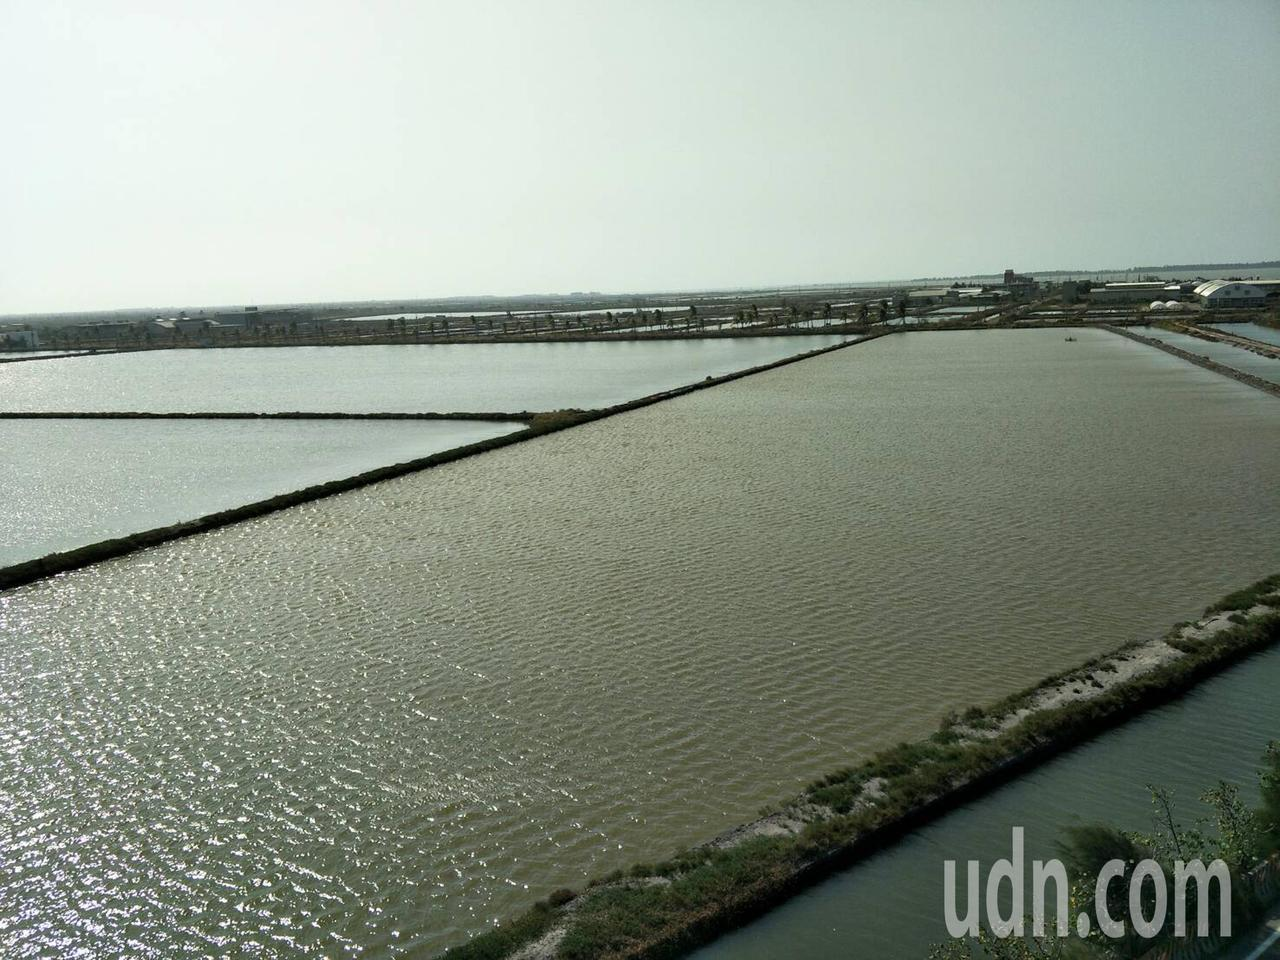 台南七股文蛤養殖業居全市之冠,圖為大片淺坪養殖魚塭。記者謝進盛/攝影